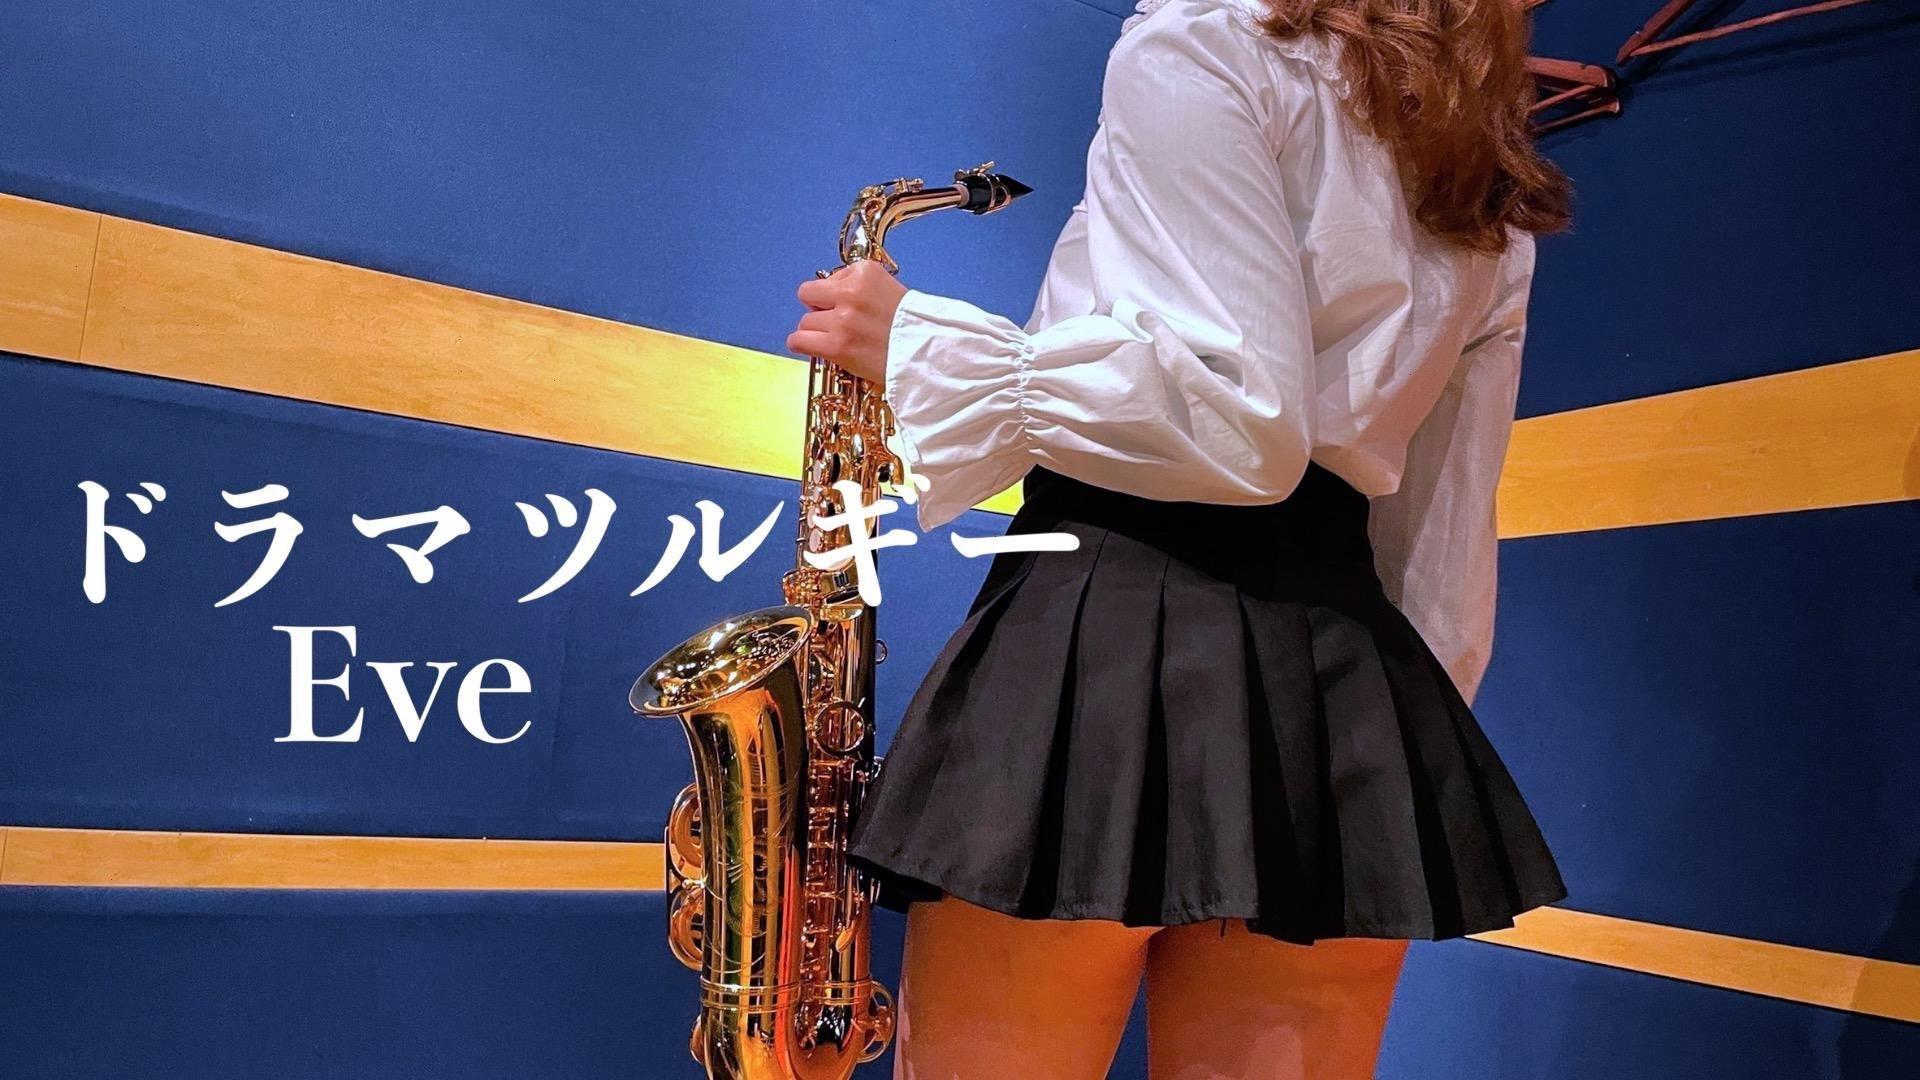 会吹萨克斯風的日本女孩:Ririka/Sax插图2